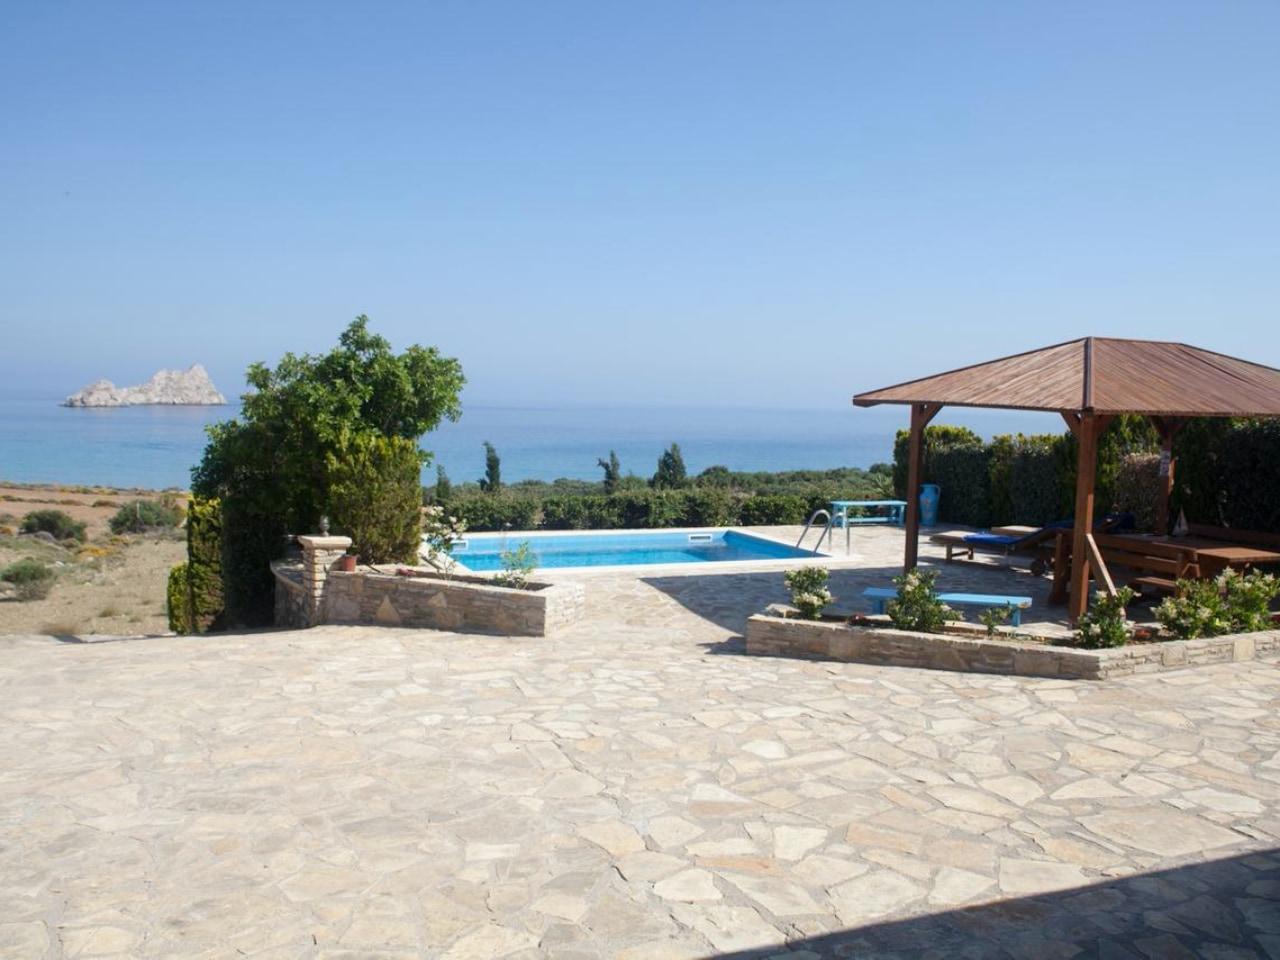 krinakia villas xerokambos, krinakia villas east crete